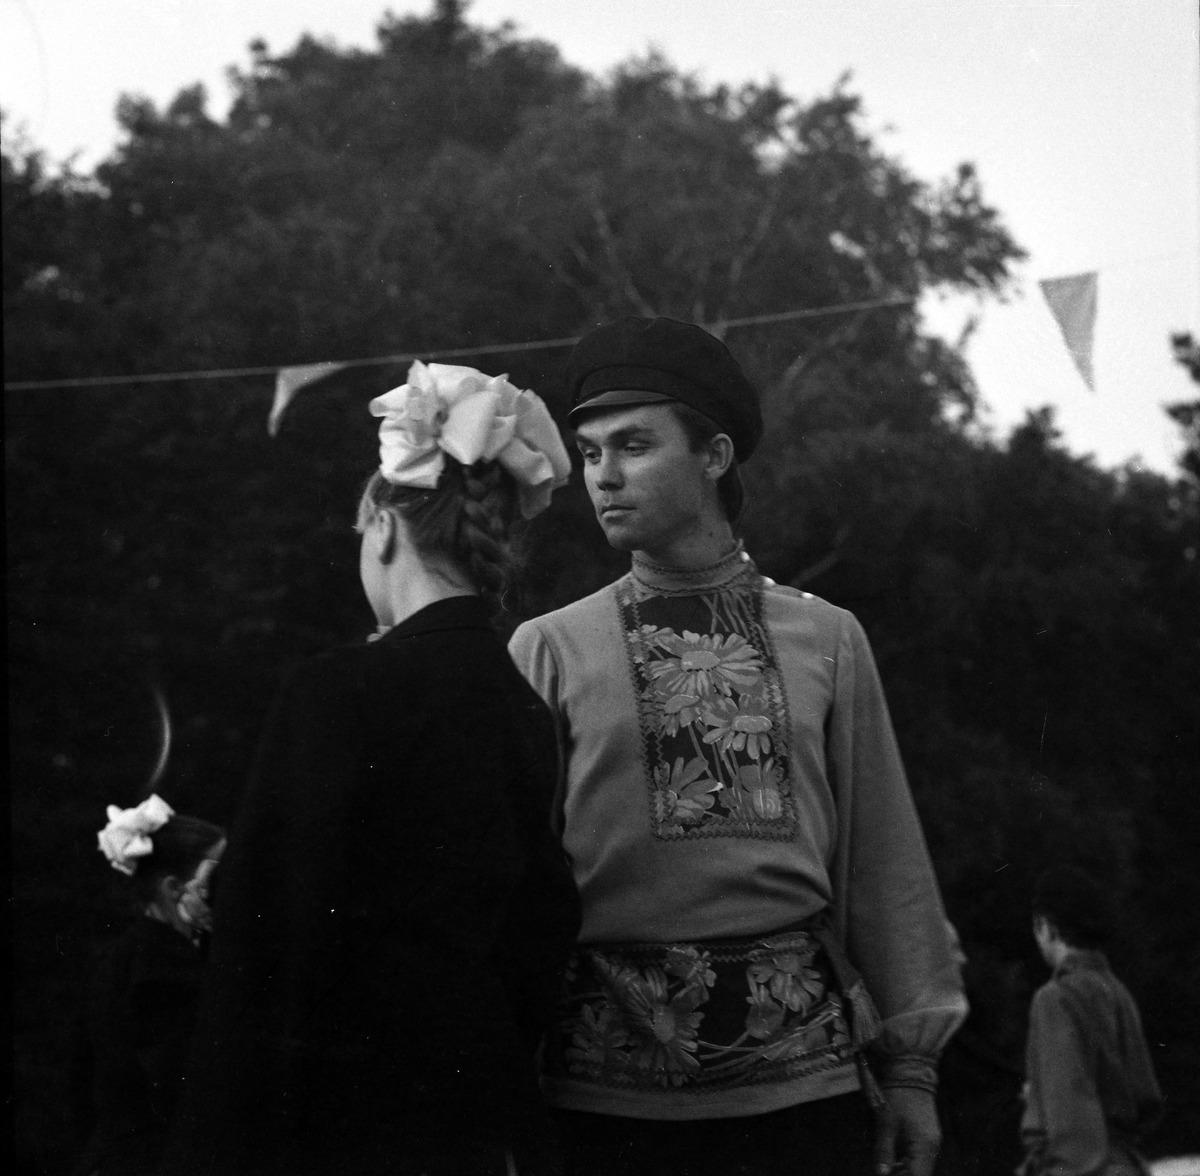 Zespół Pieśni i Tańca Armii Radzieckiej [9]